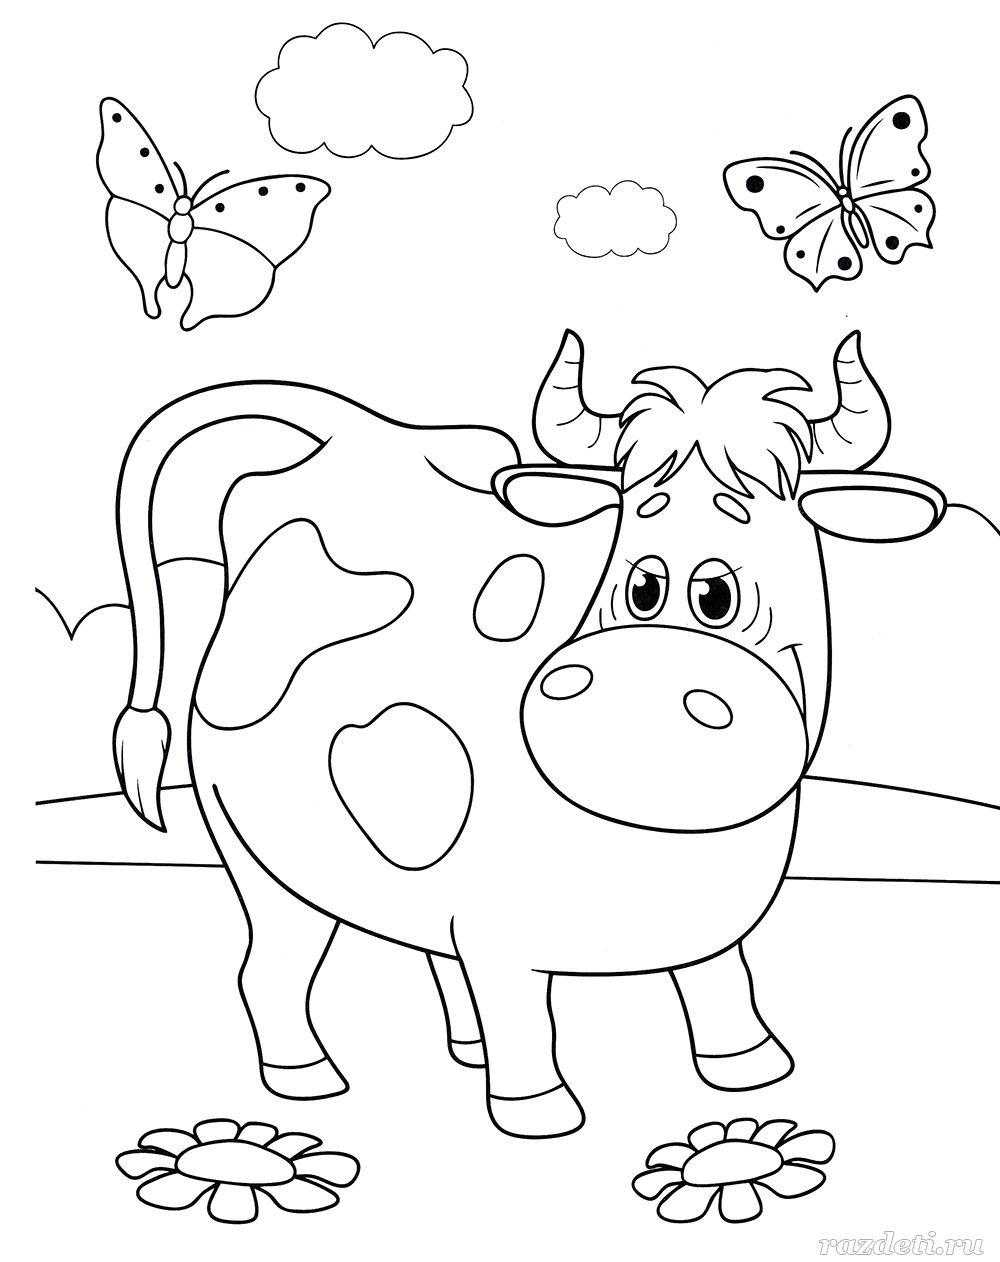 Корова. Раскраска для детей 4-6 лет